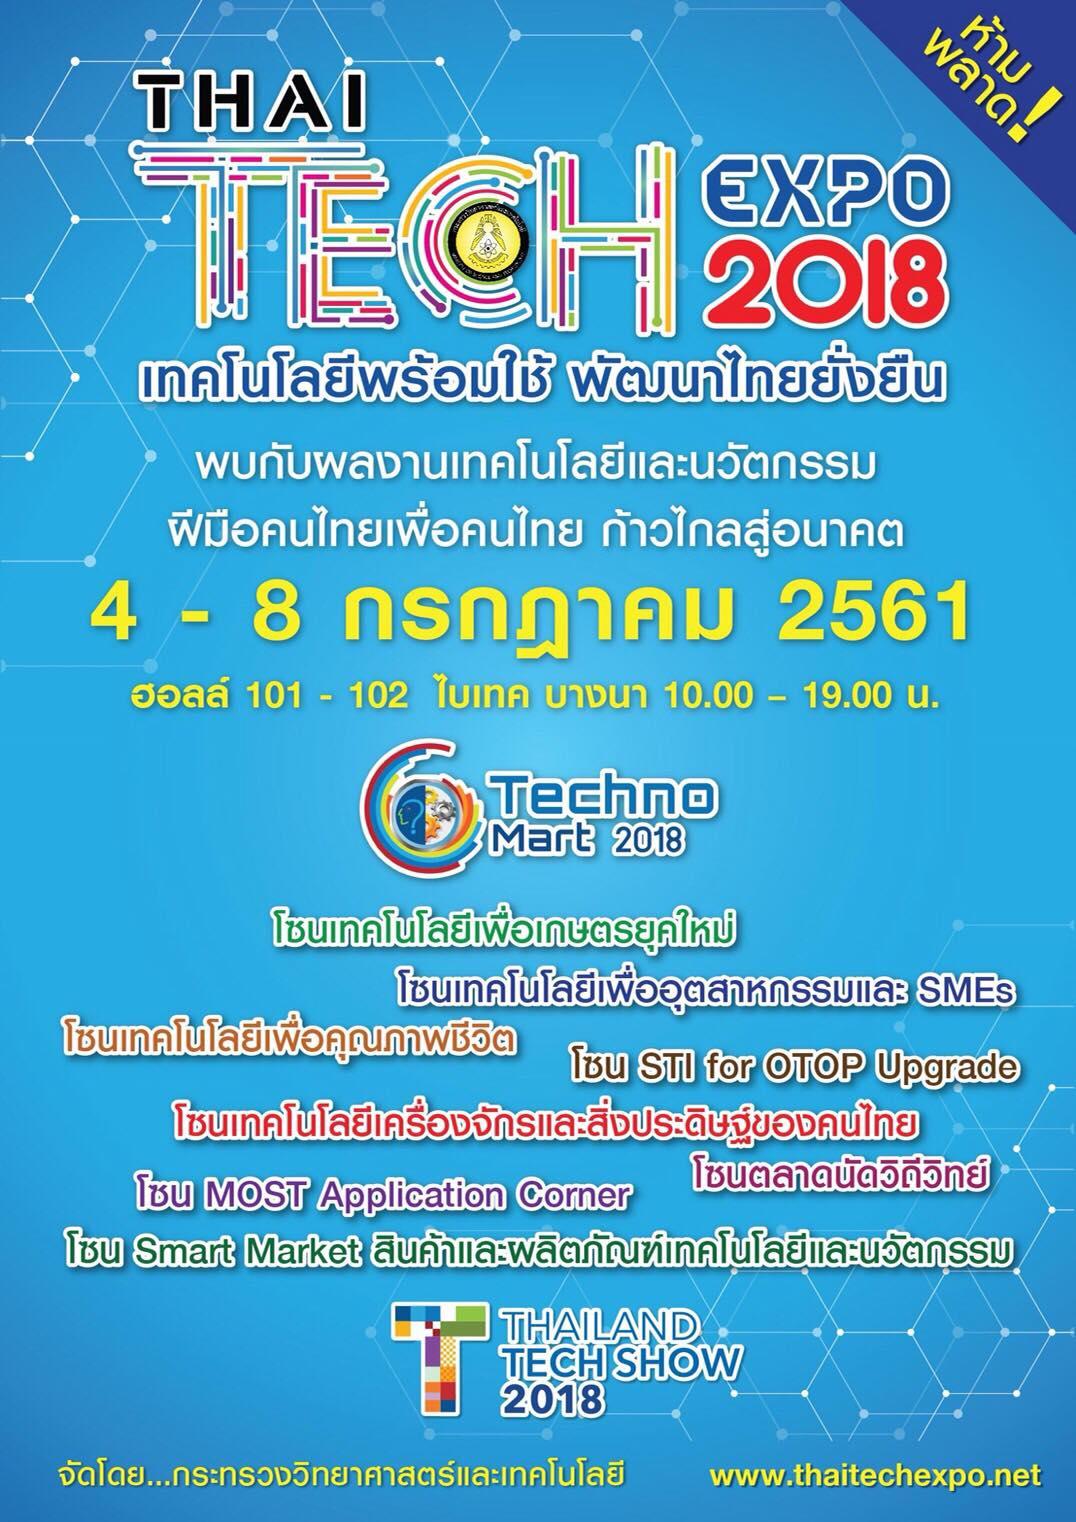 """กระทรวงวิทย์ฯ เตรียมจัดงาน """"THAI TECH EXPO 2018"""" 4-8 ก.ค. นี้"""